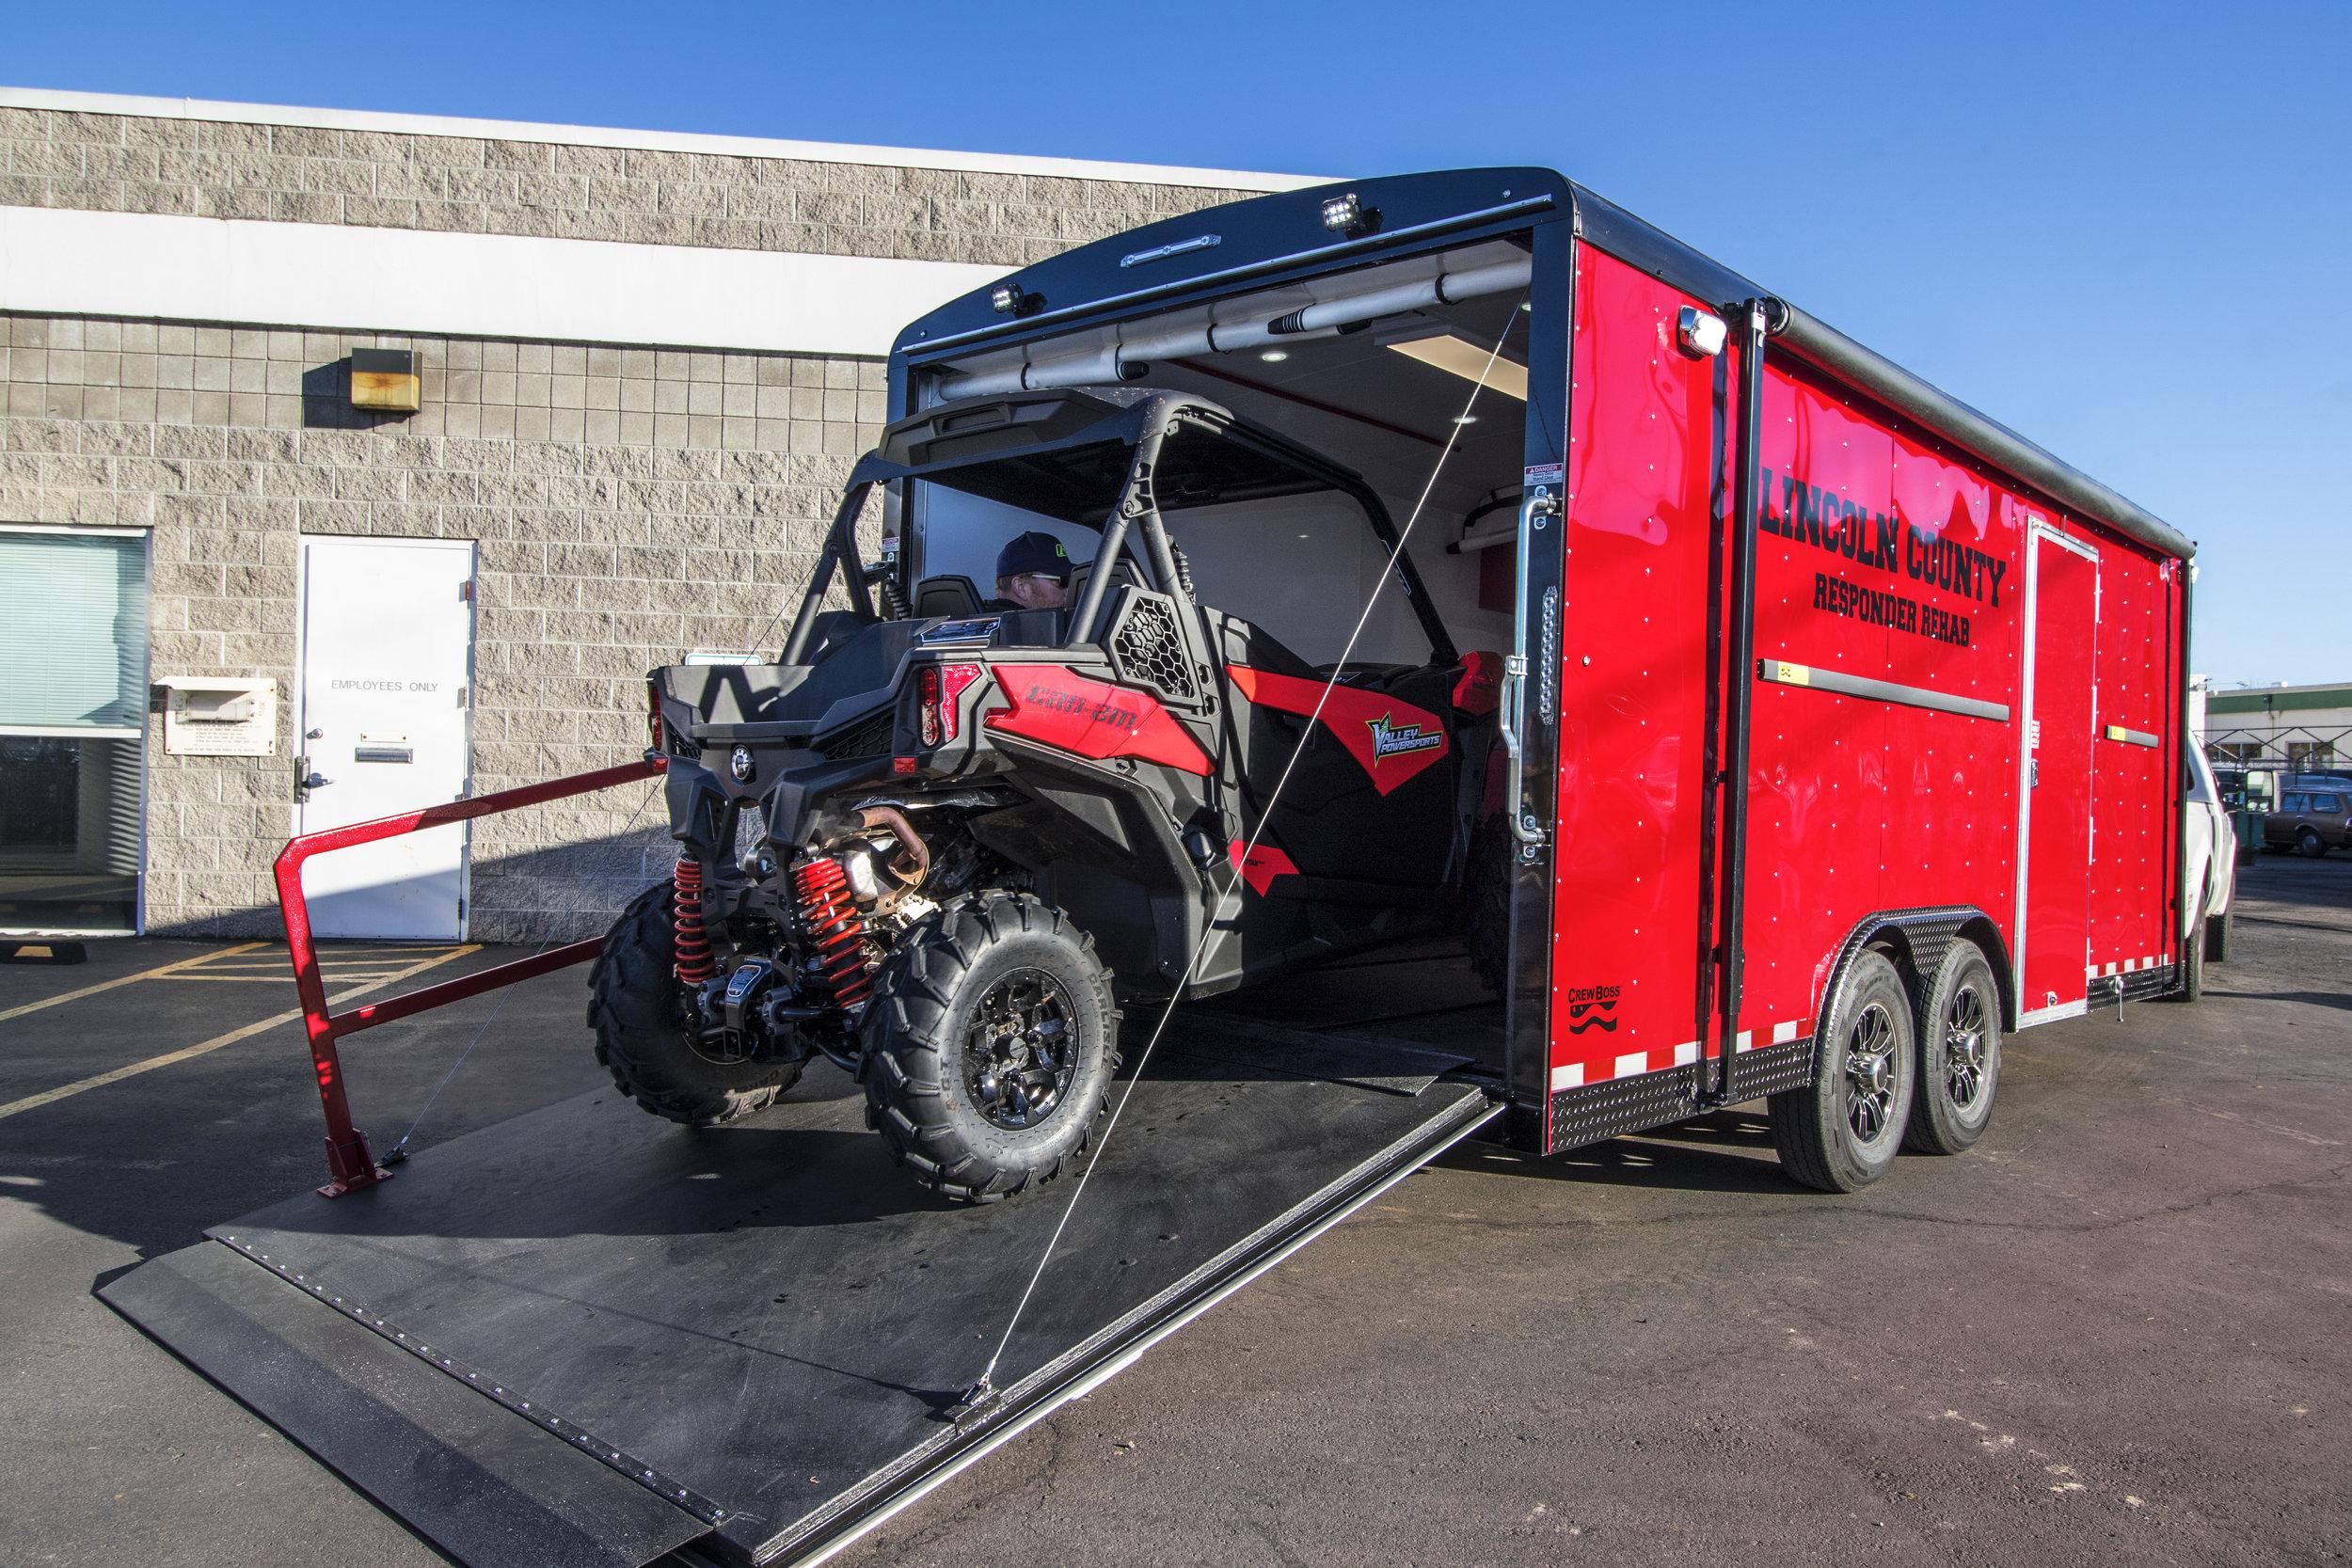 Firefighter REHAB trailer_ATV.jpg